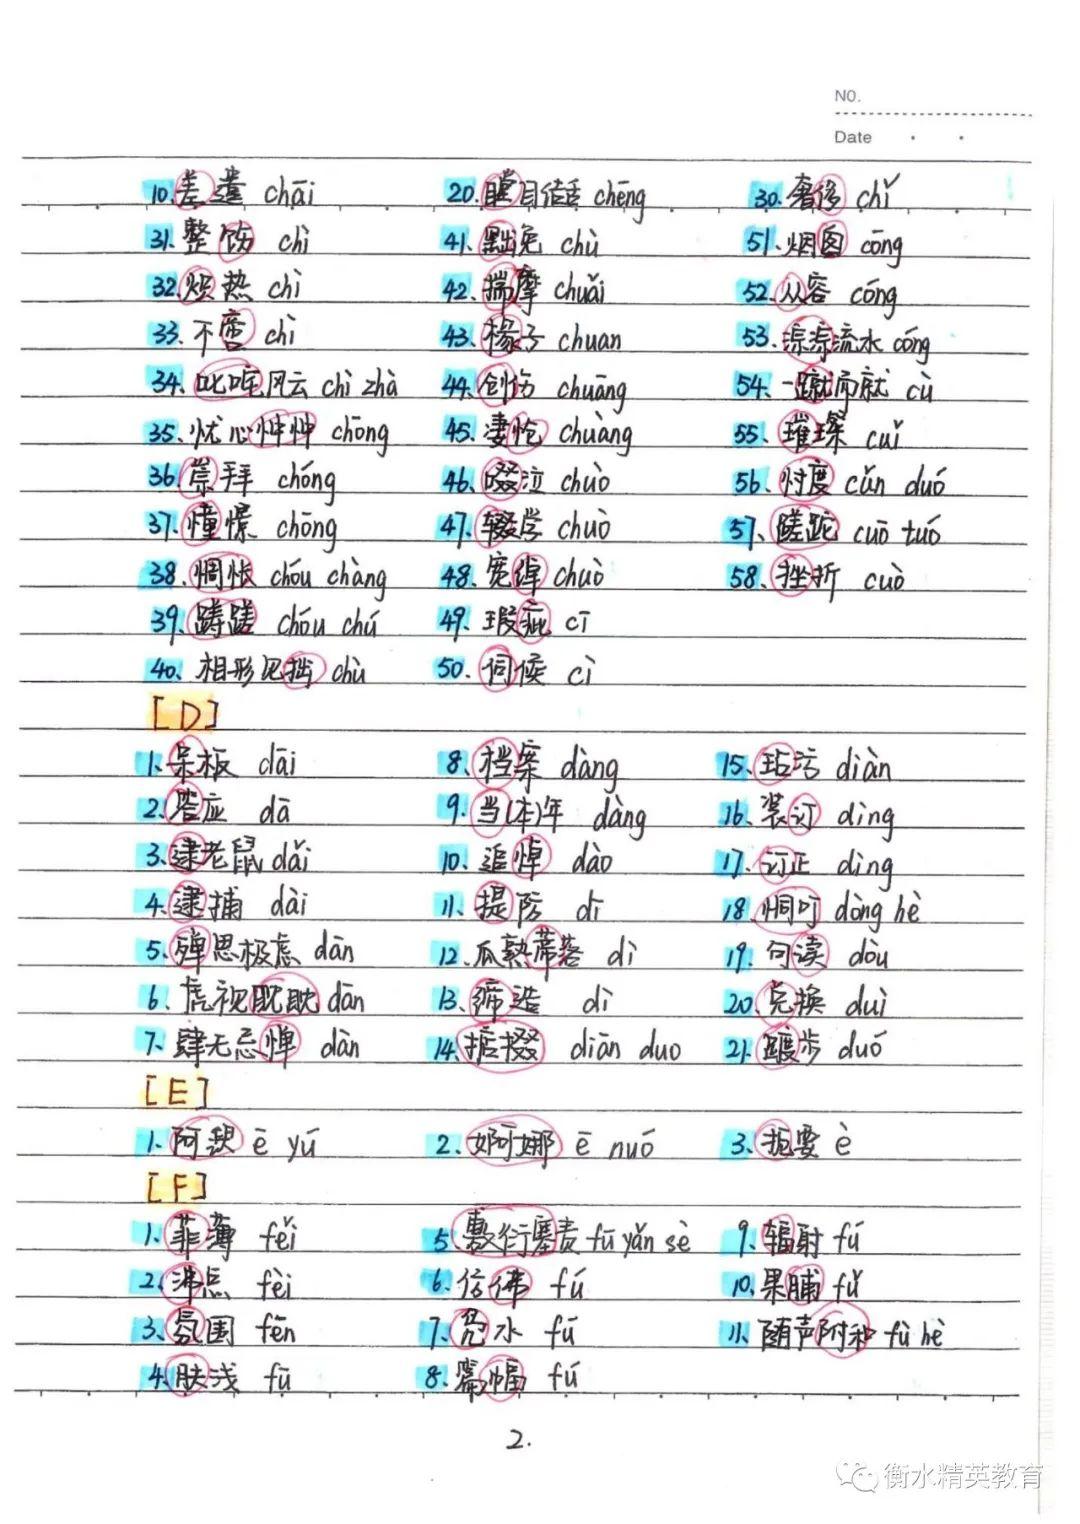 衡水初中学霸笔记-语文(会员专享)4506 作者: 来源: 发布时间:2020-4-23 11:06